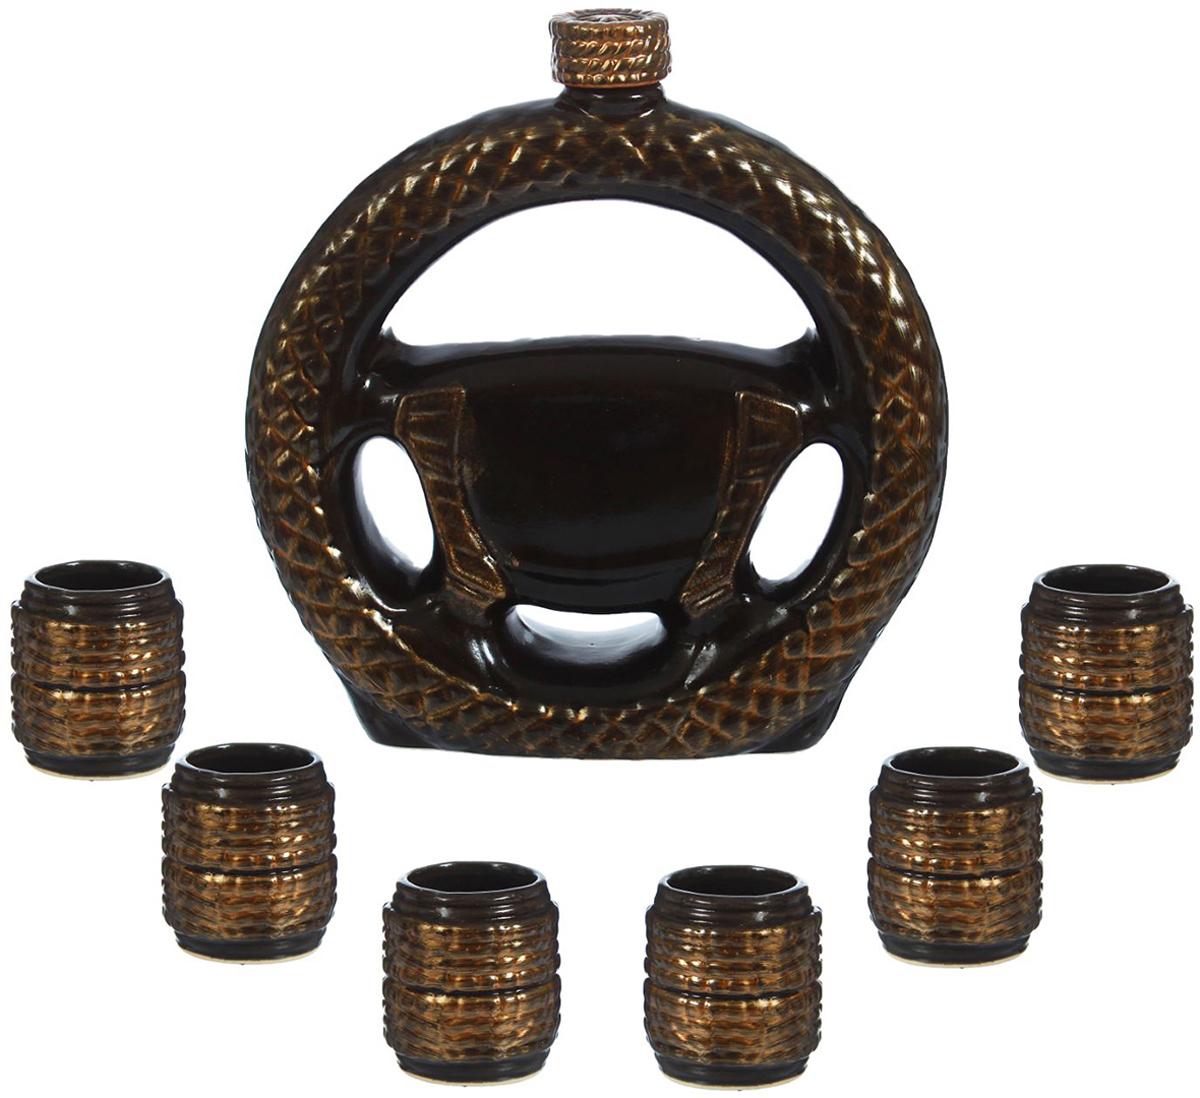 Набор винный Керамика Руль, ручной работы, 7 предметов. 1016348 набор винный керамика ручной работы ружье 7 предметов